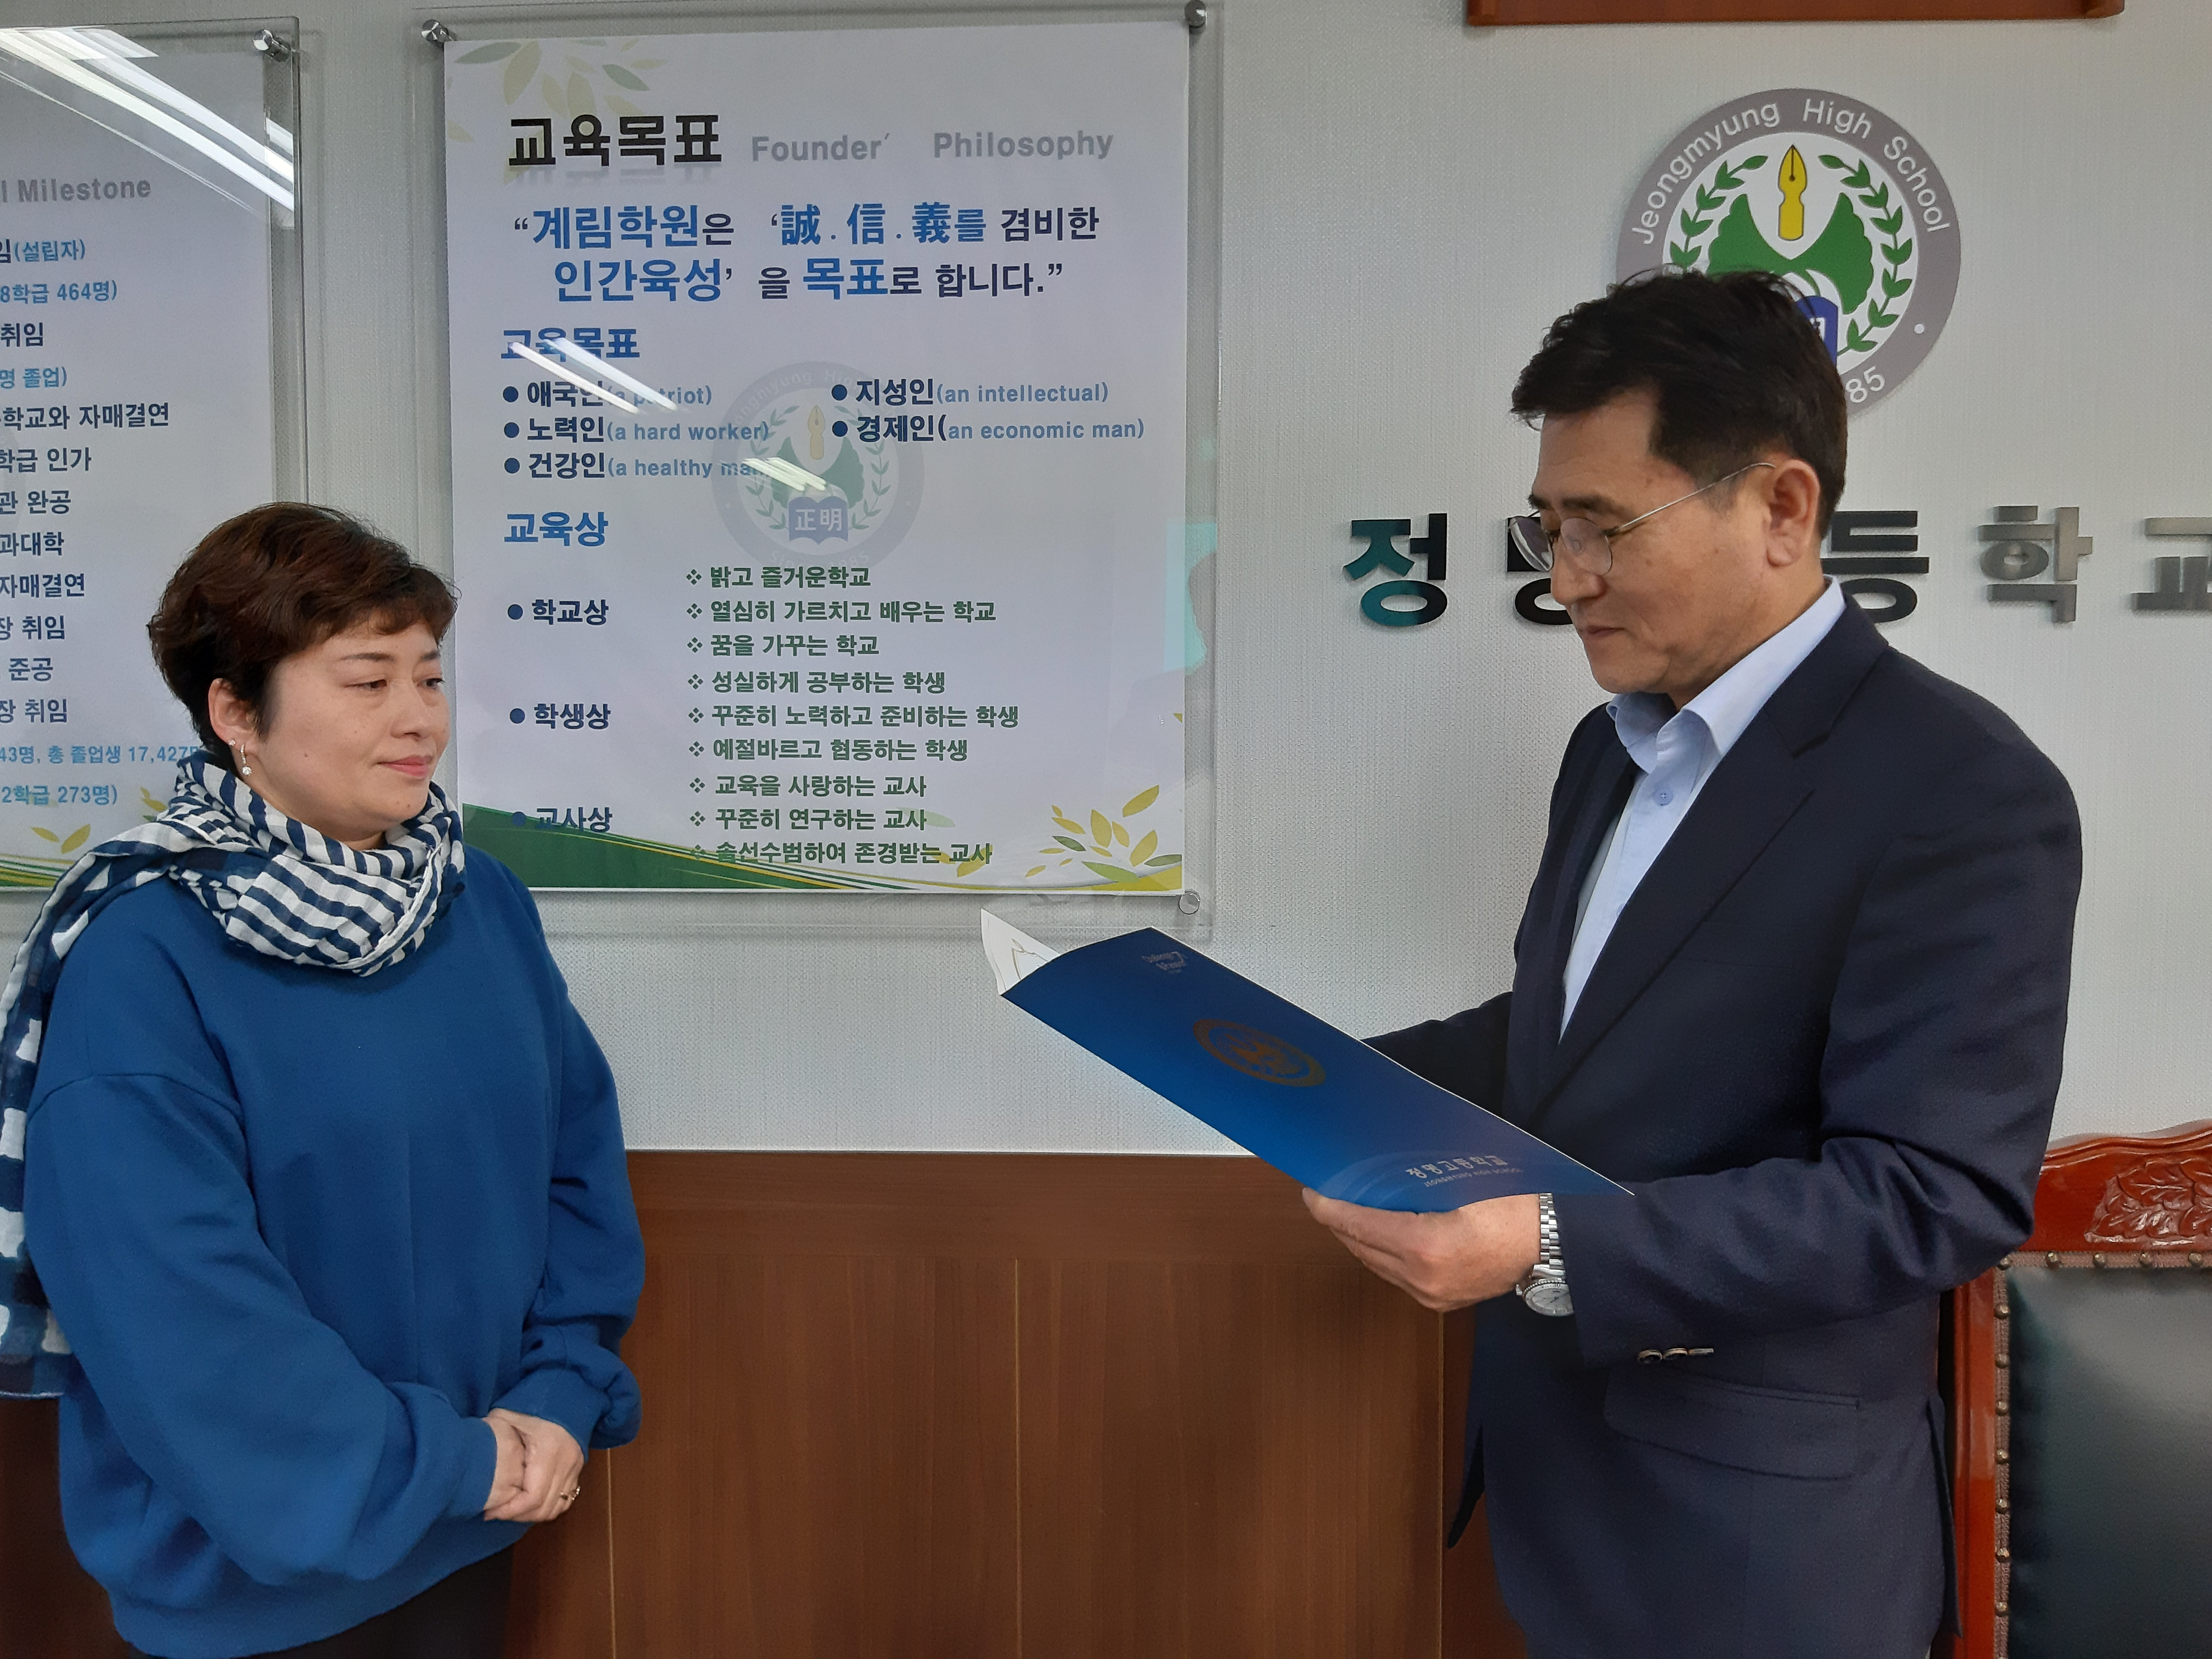 2019학년도 학교폭력대책자치위원회 위촉장 수여